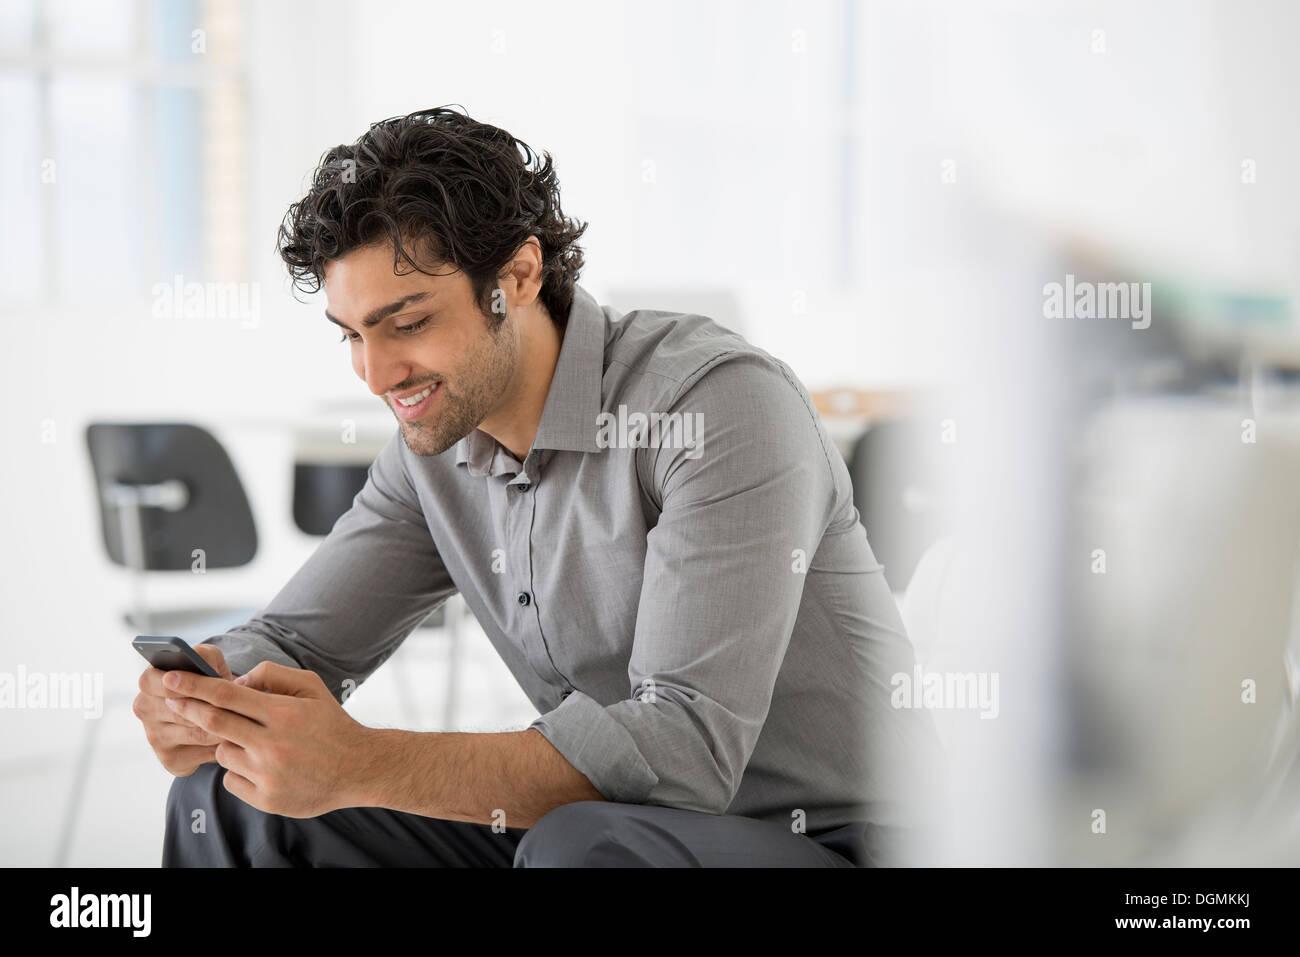 L'entreprise. Un homme assis à la recherche à l'écran sur son téléphone intelligent. Photo Stock